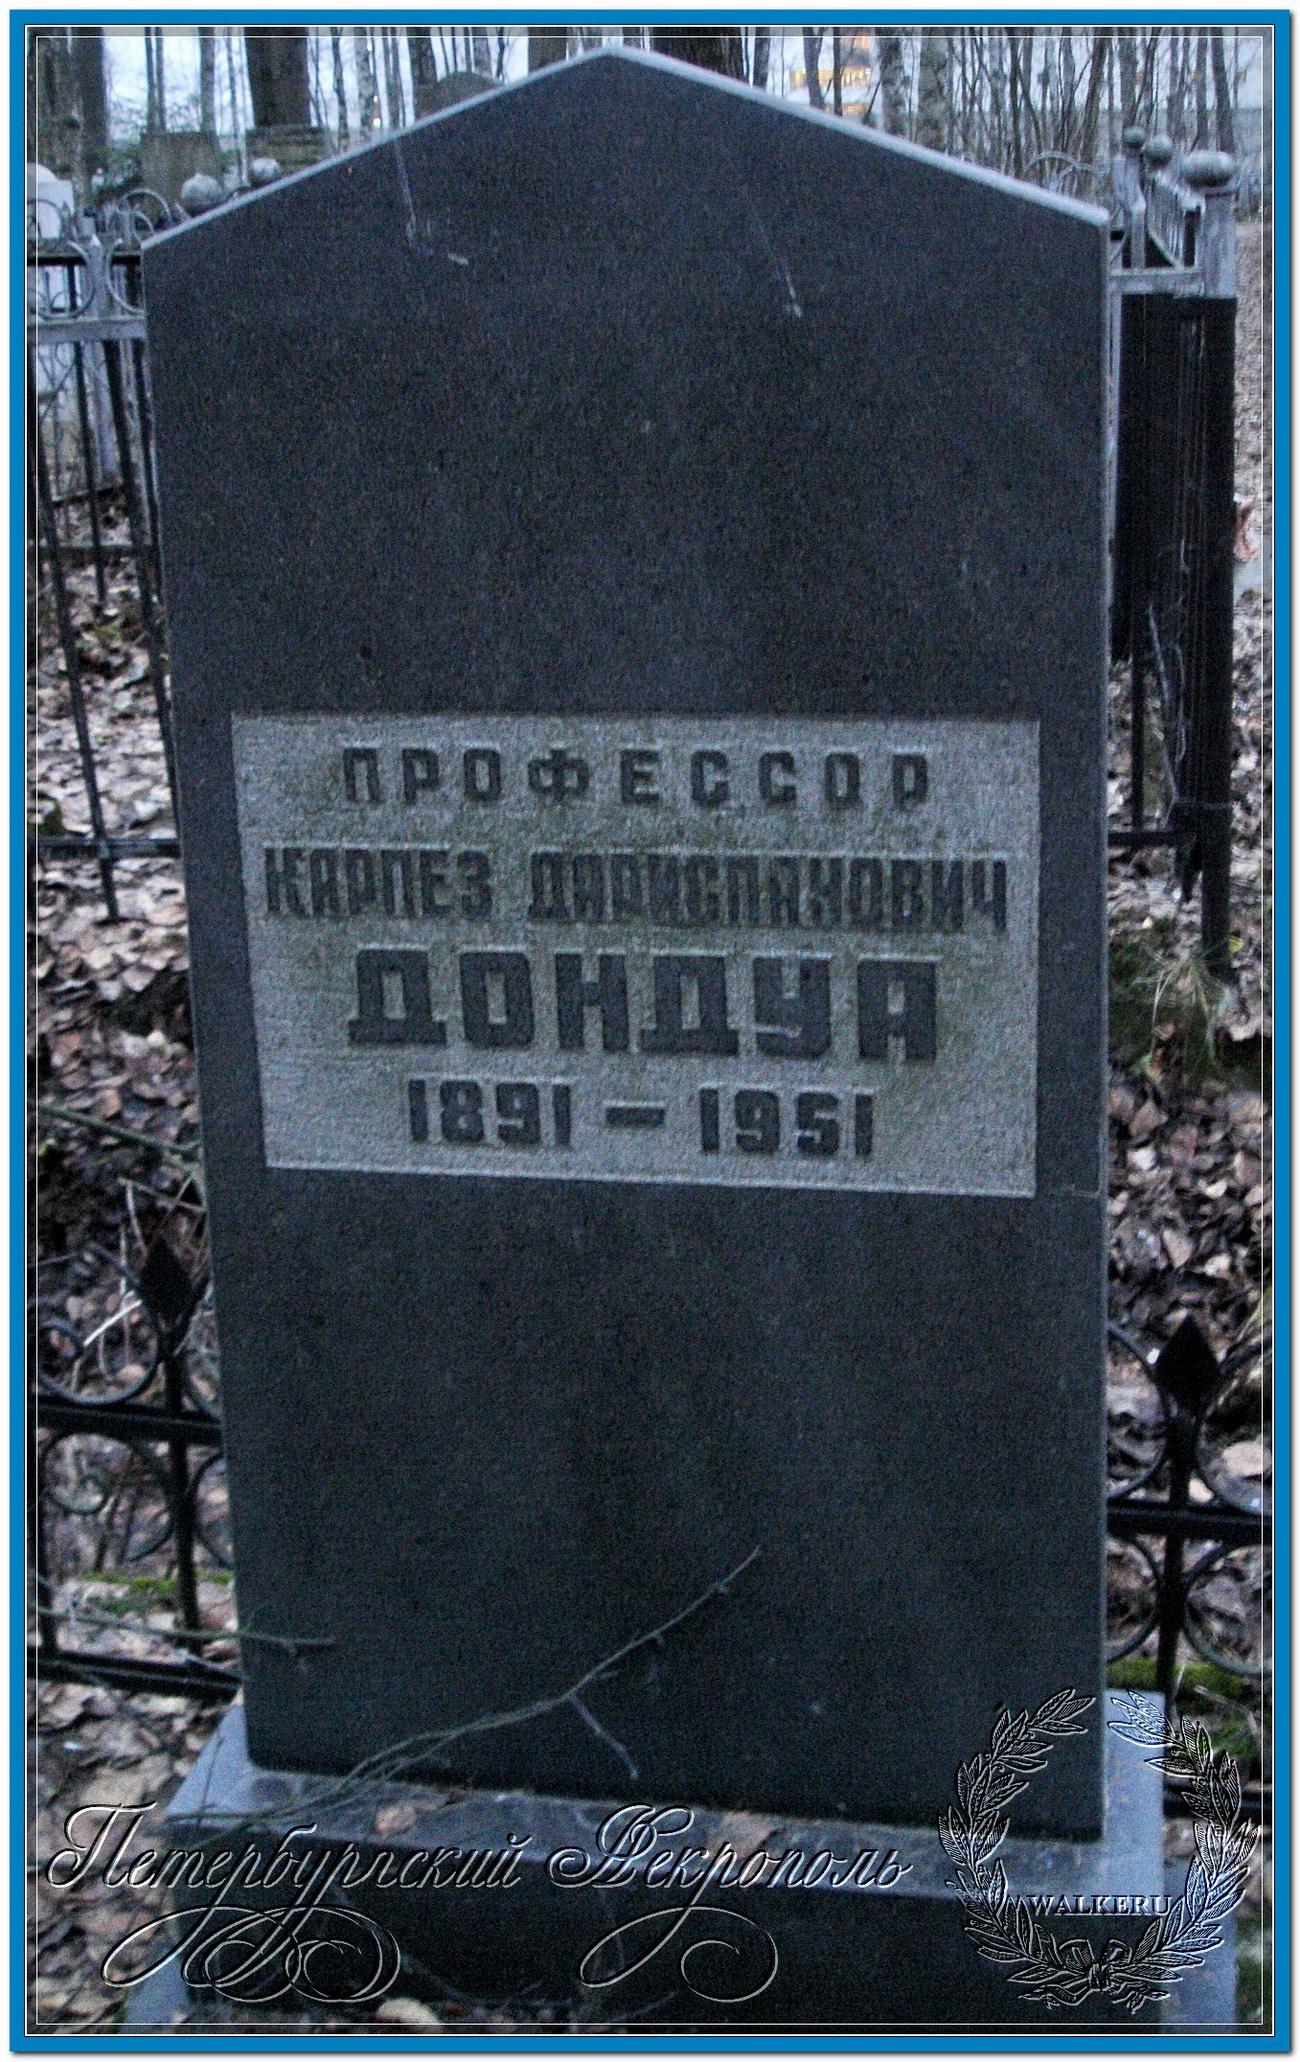 © Дондуа Карпез Дариспанович